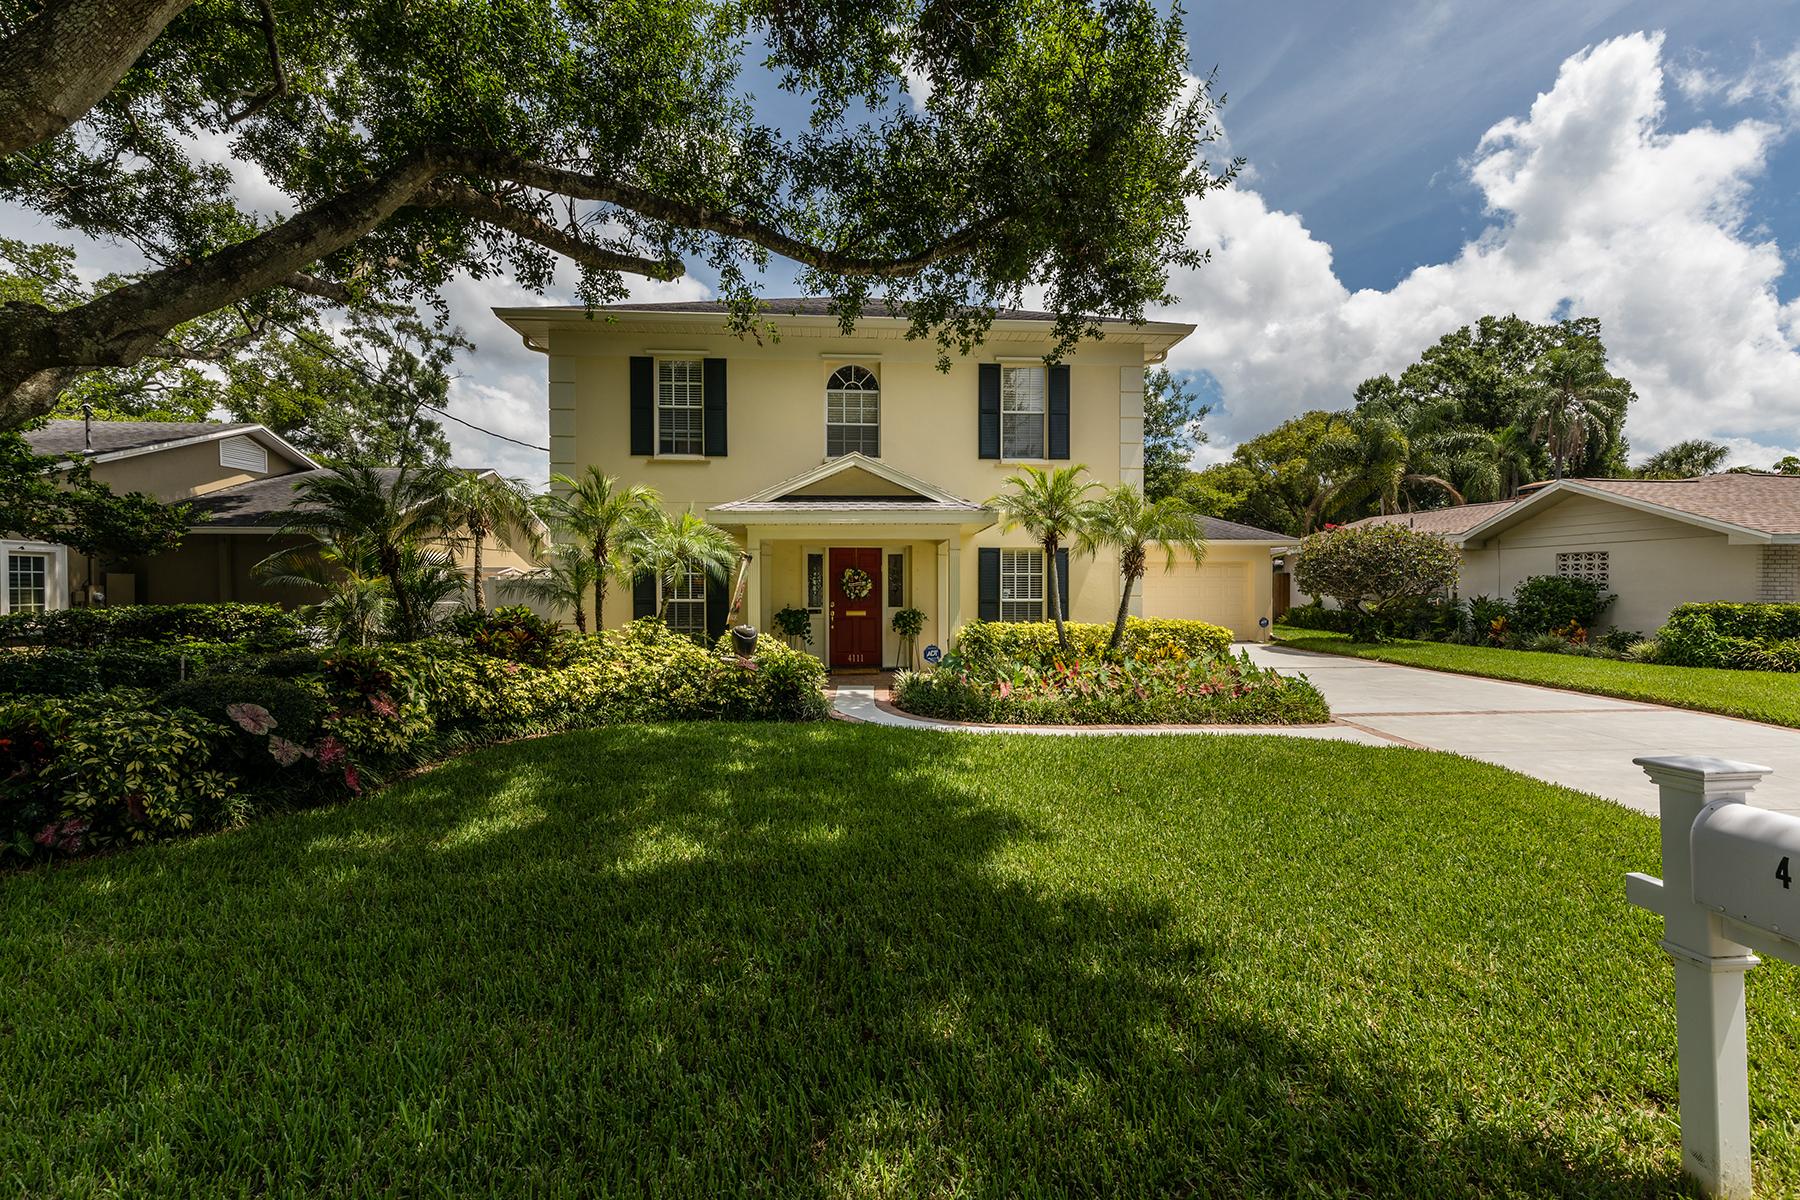 Casa Unifamiliar por un Venta en TAMPA 4111 W Corona St Tampa, Florida 33629 Estados Unidos